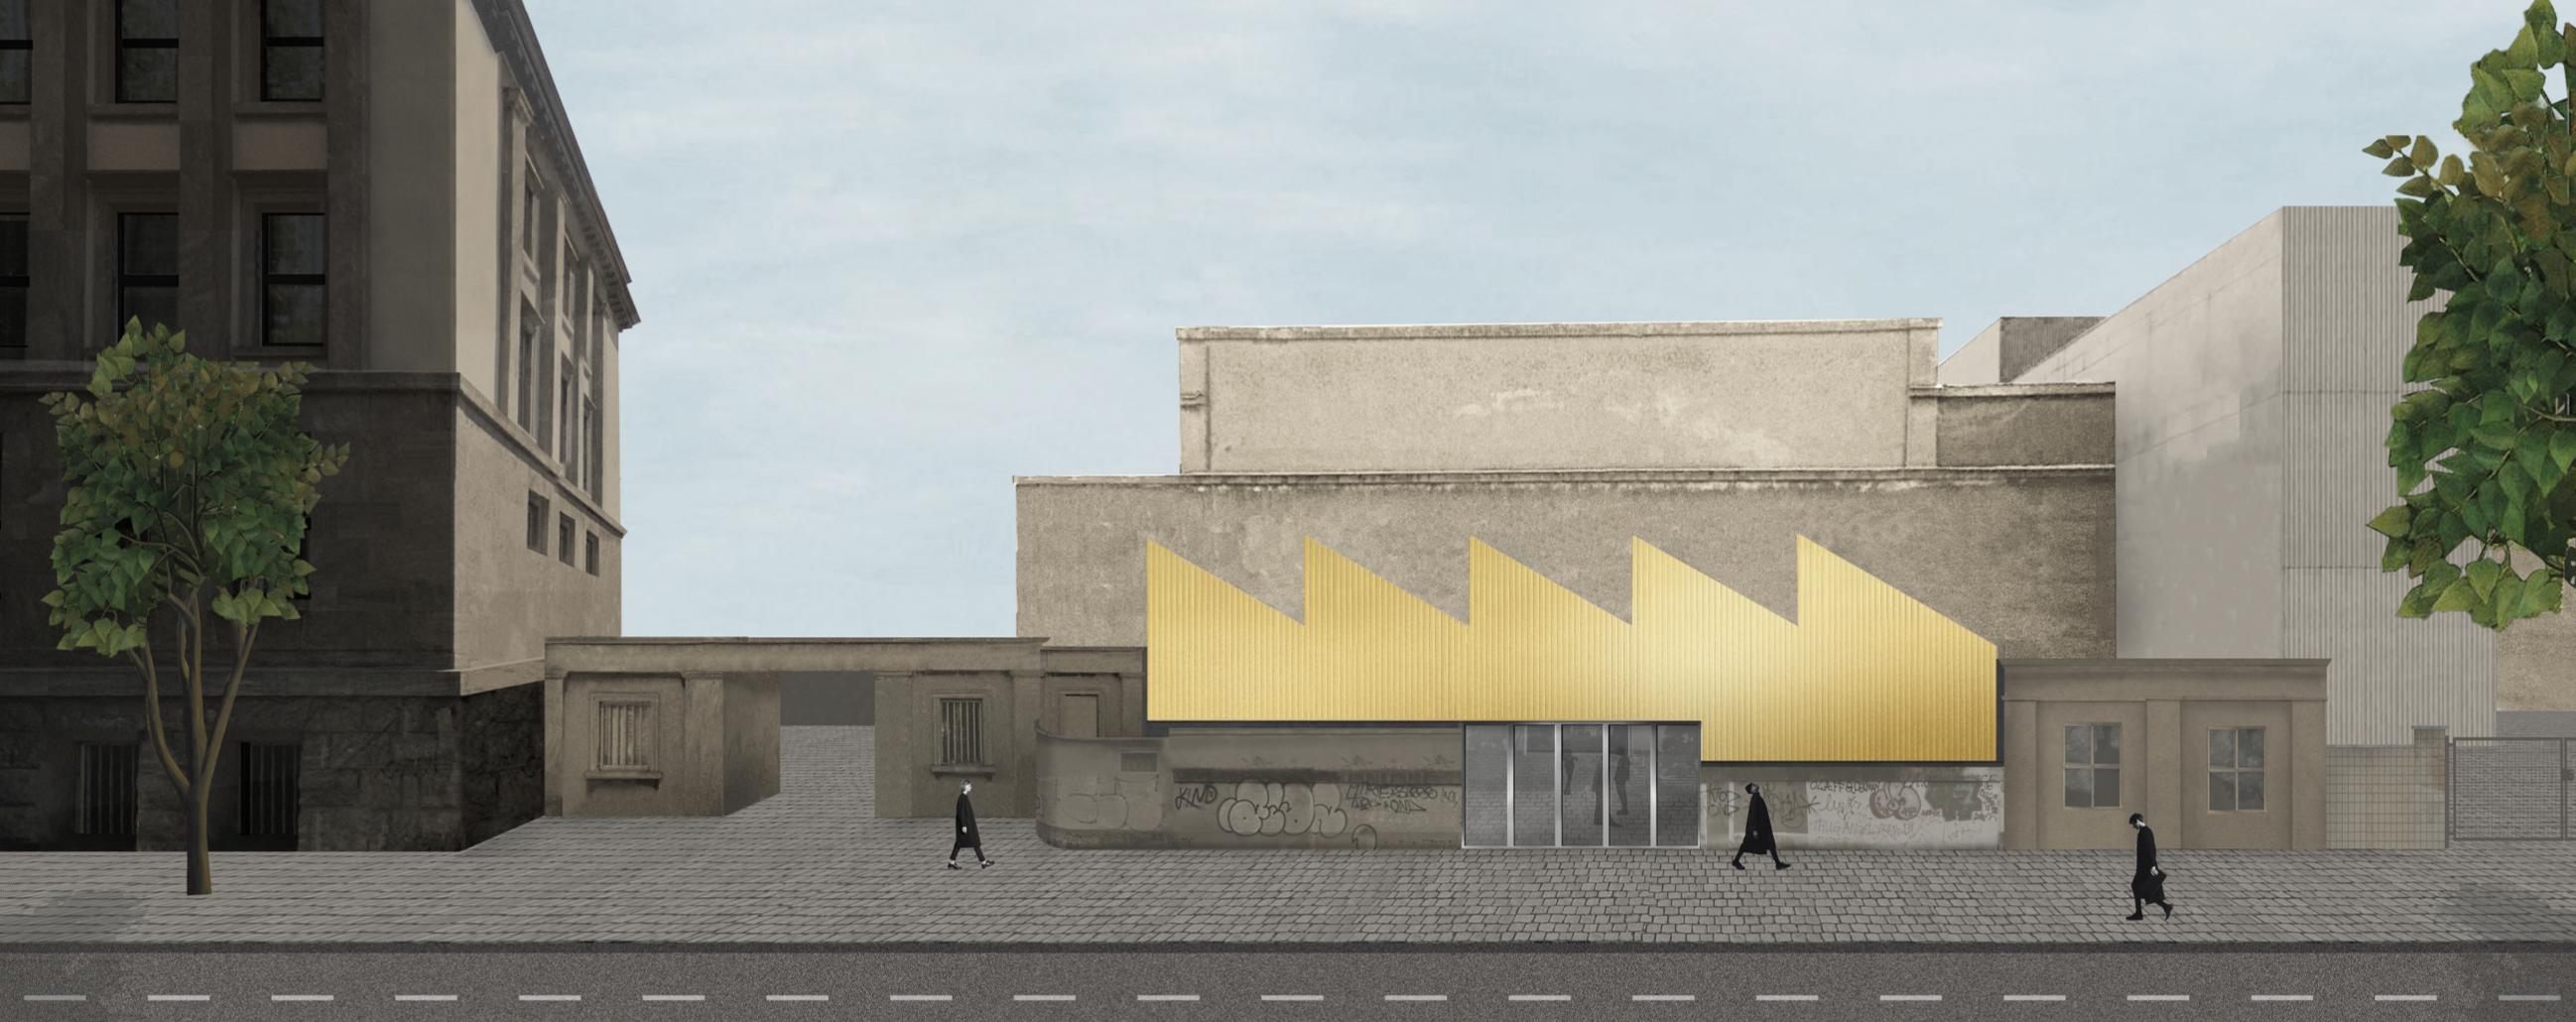 Rheinstahlhalle Visualisierung Vorbau Tanja Lincke Architekten